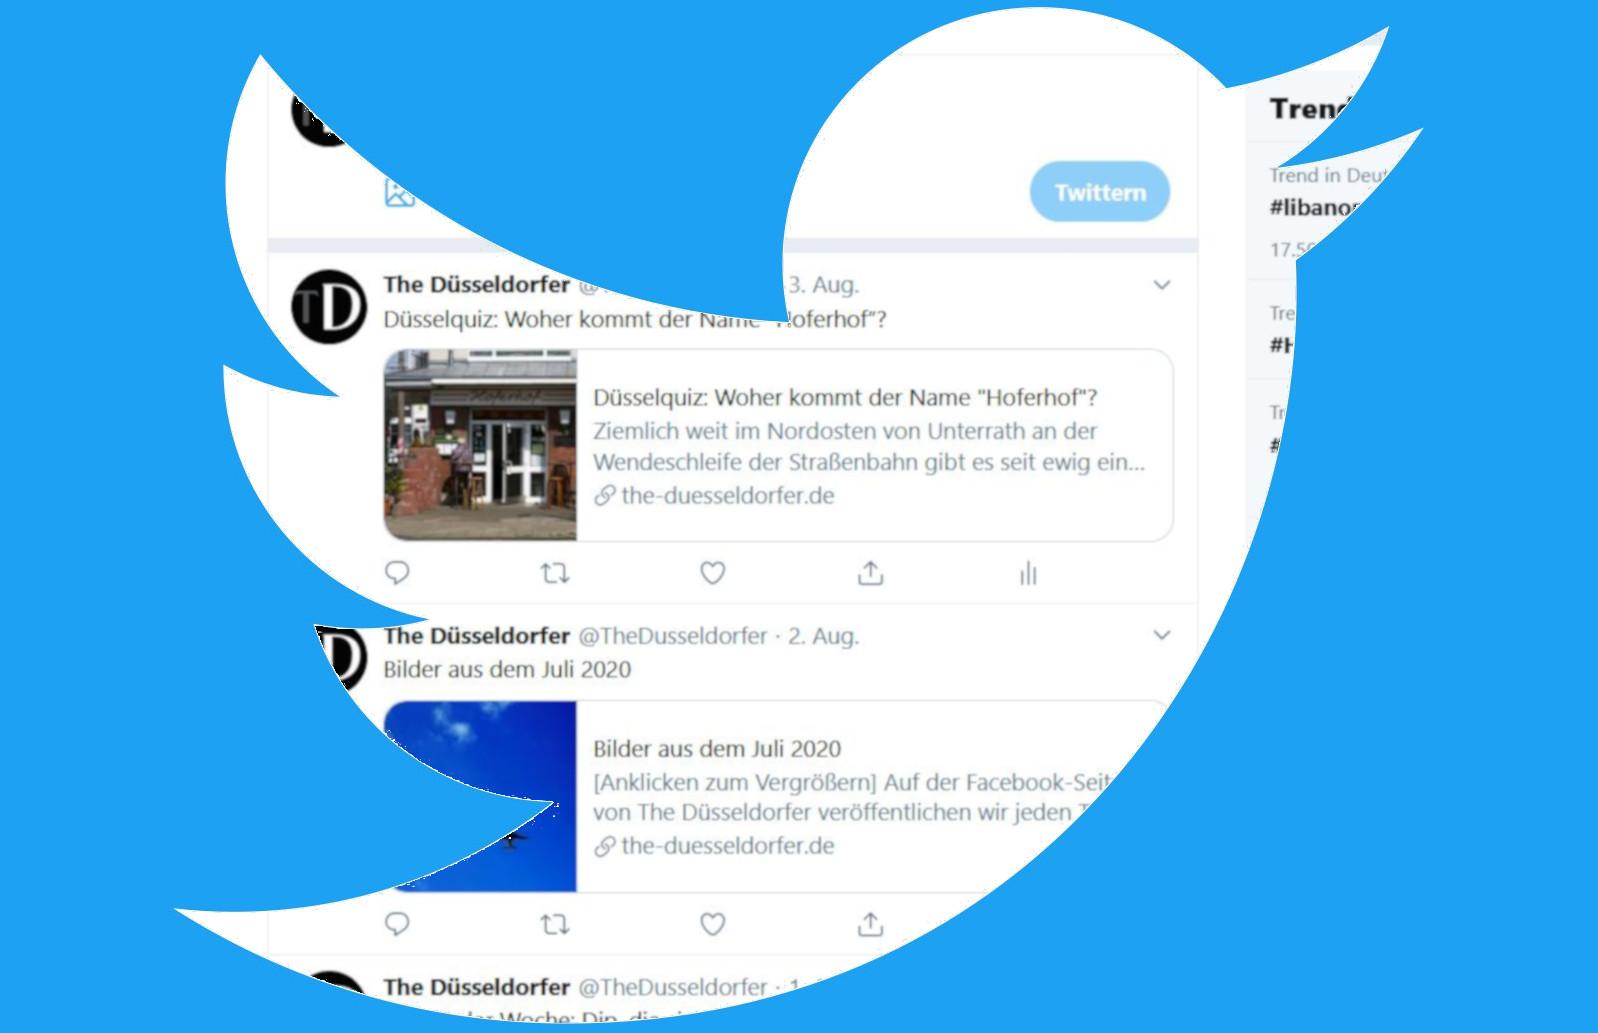 Debatte: Wie relevant ist Twitter wirklich?